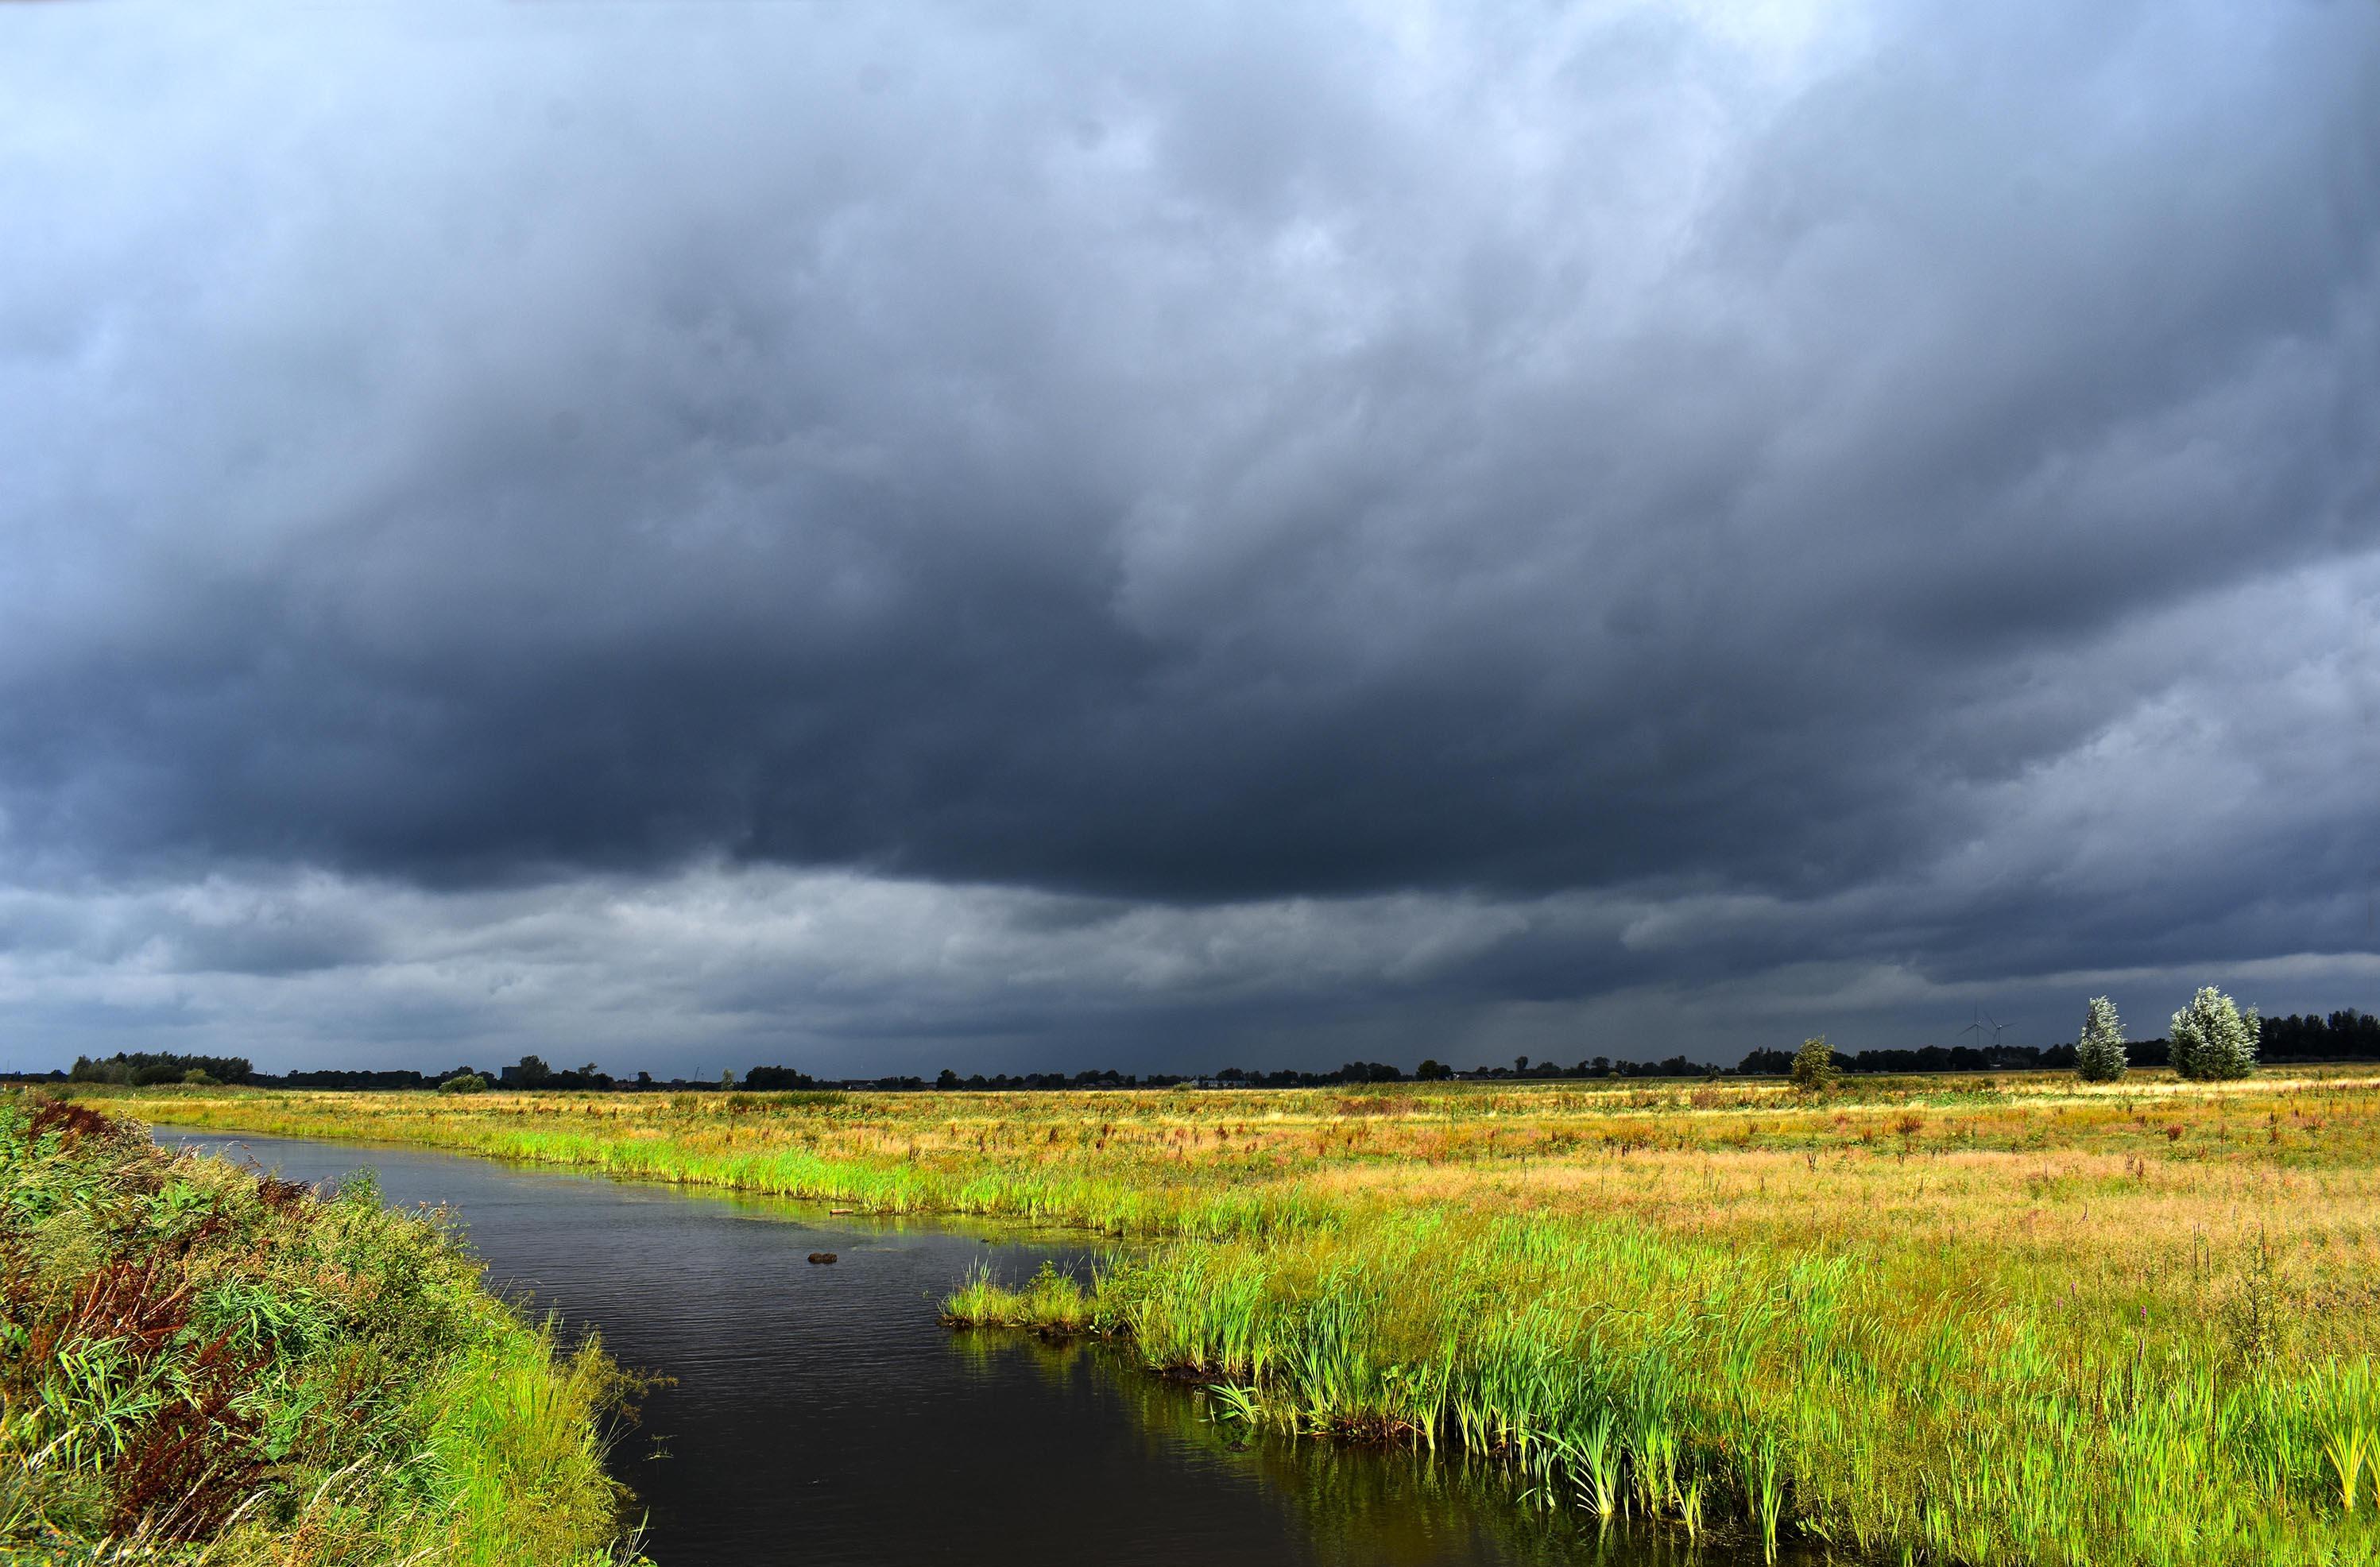 Donkere wolken boven het Binnenveld - Foto: ©Louis Fraanje